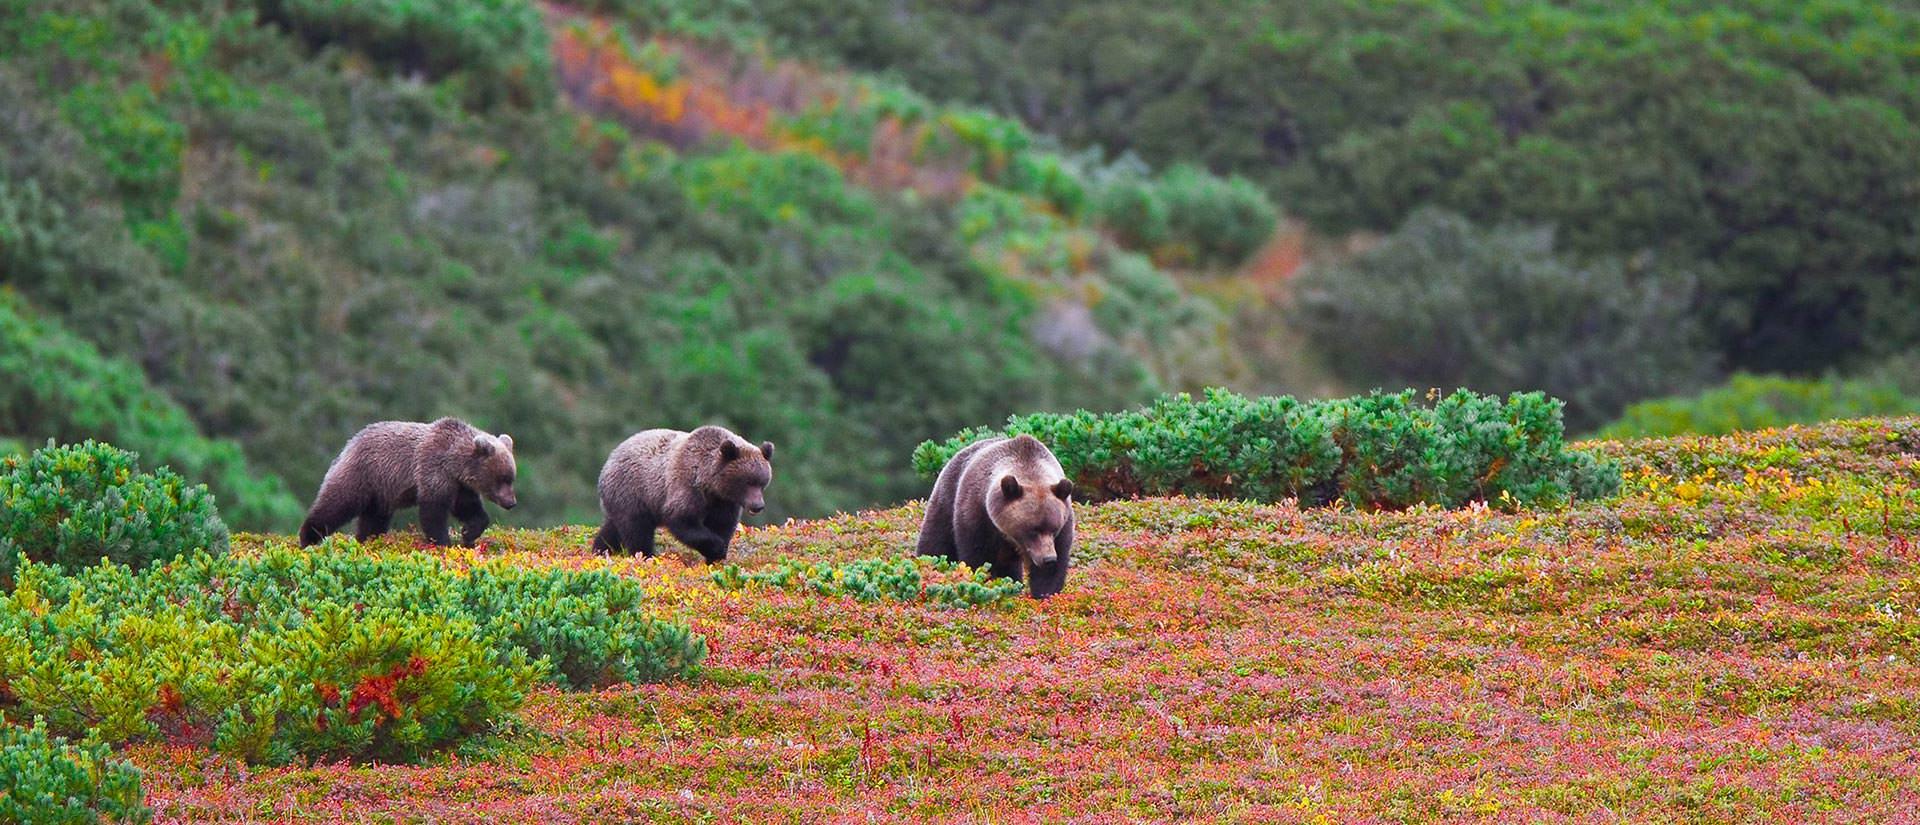 10 חוויות מרגשות מטיול בקמצ'טקה